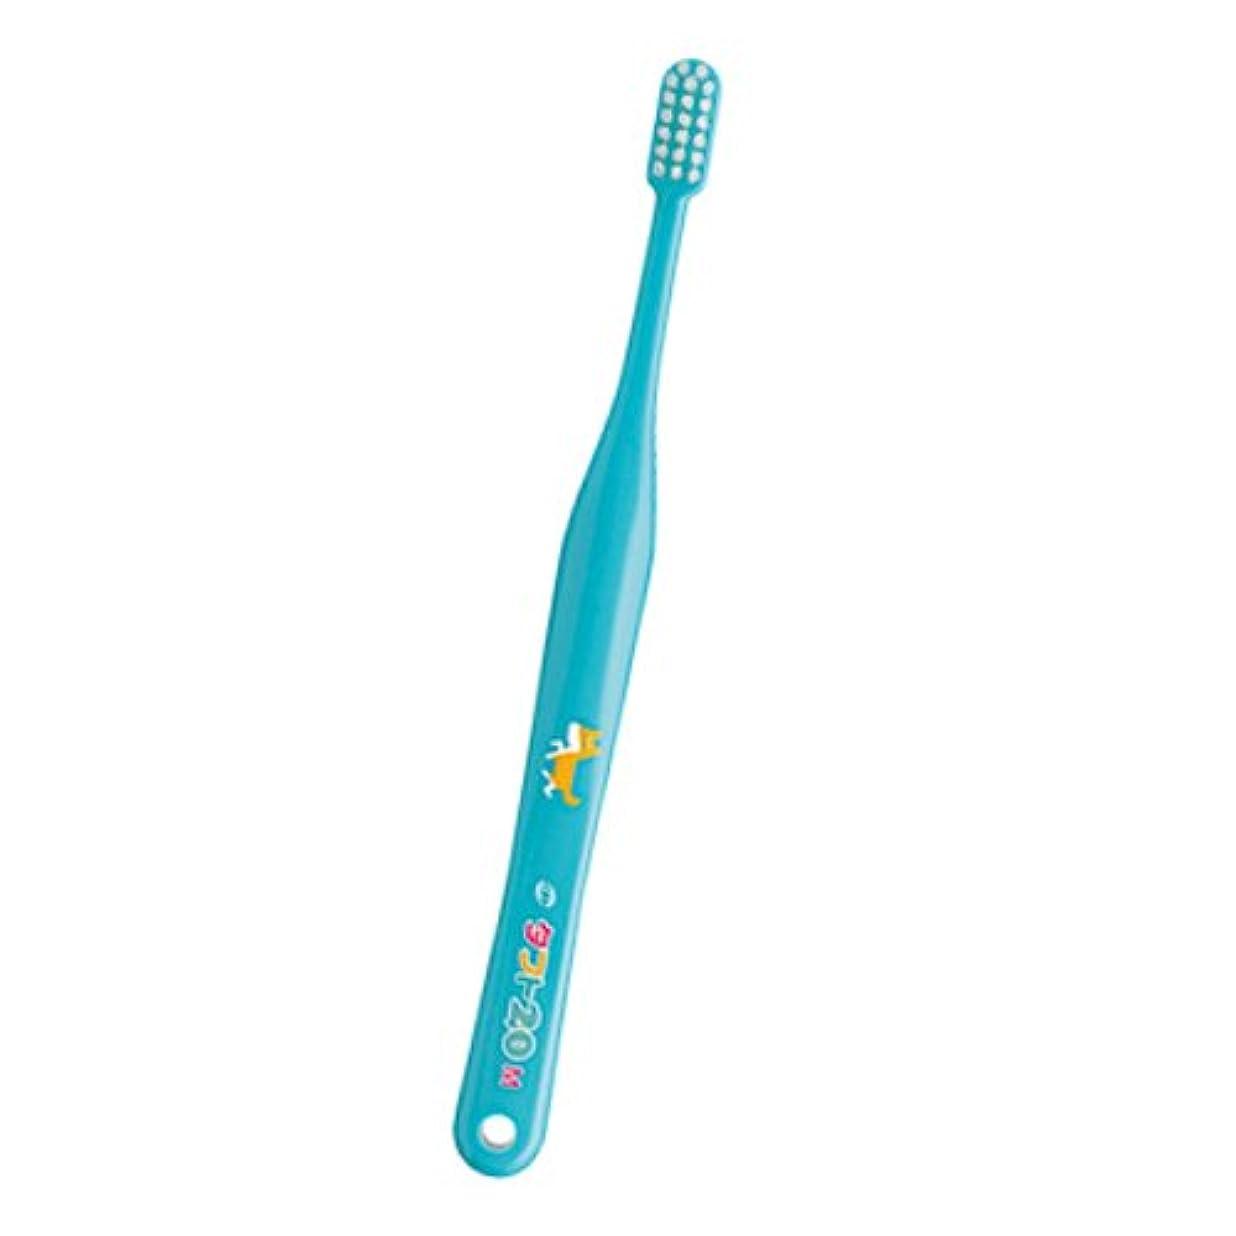 モード感動する形容詞タフト 20 歯ブラシ ミディアム 1本 ブルー M